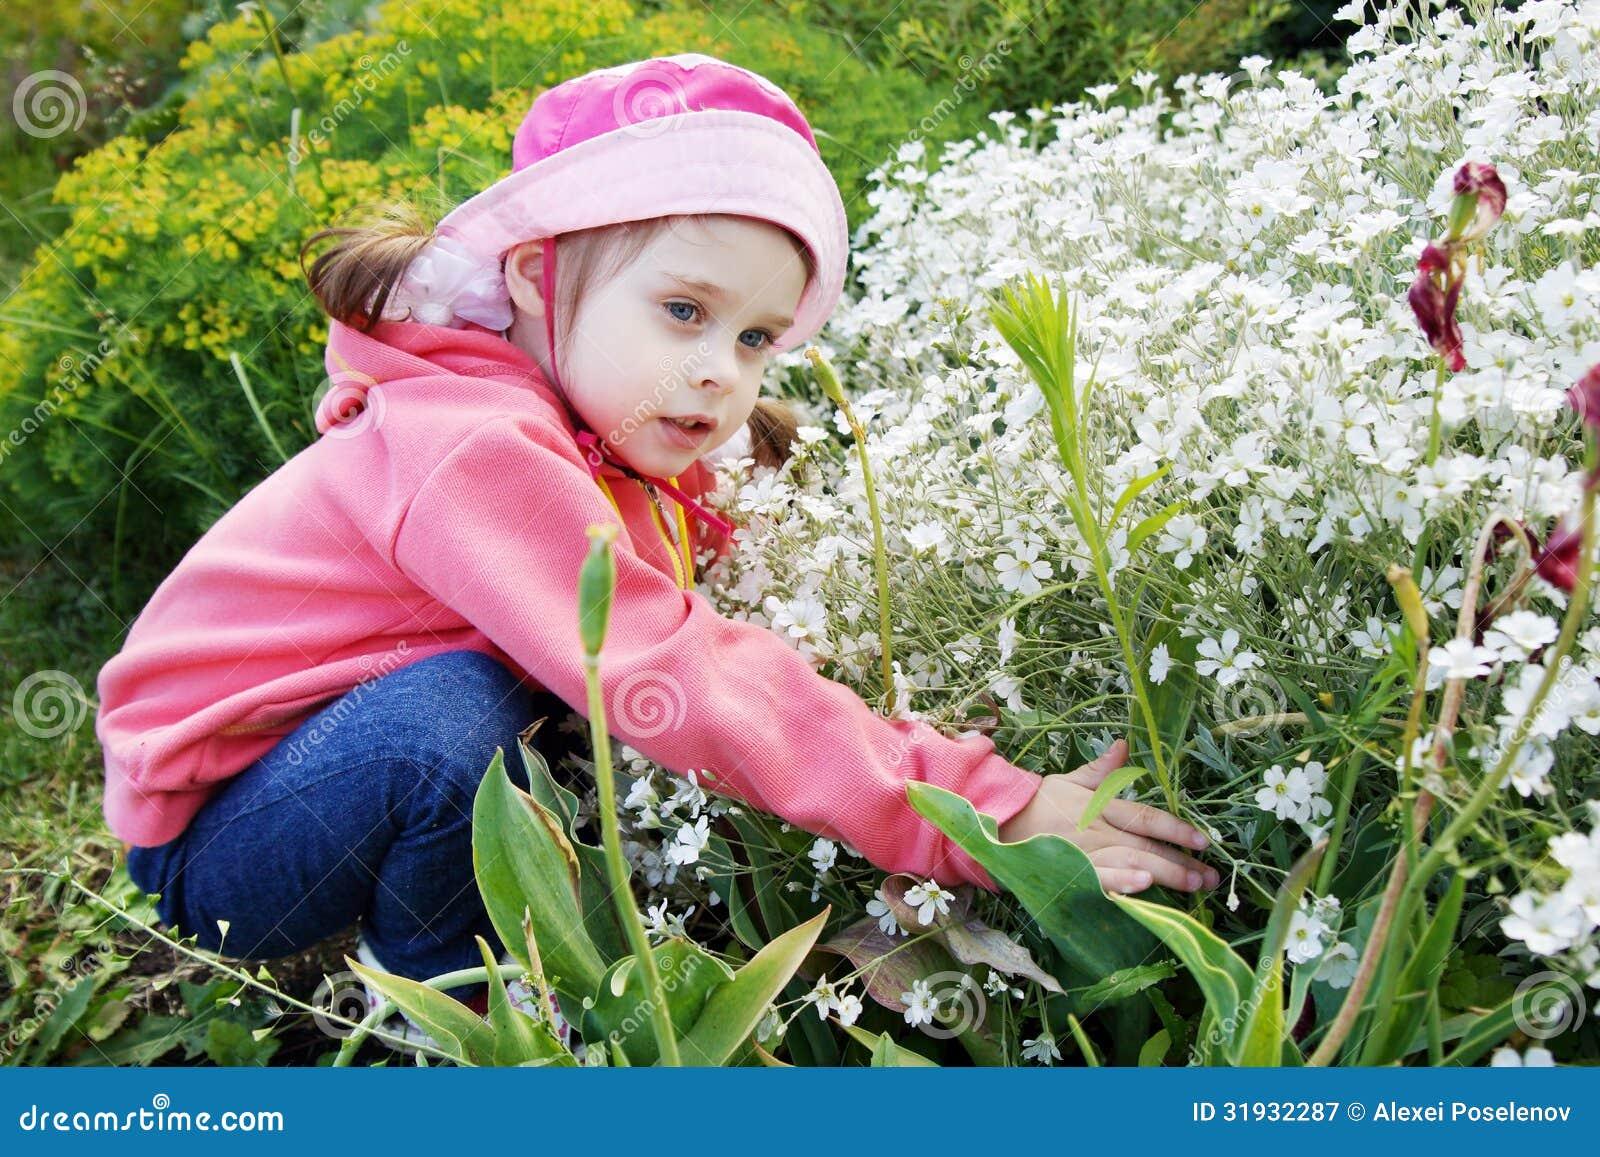 Bambina graziosa in un giardino con i fiori bianchi for Giardino con fiori